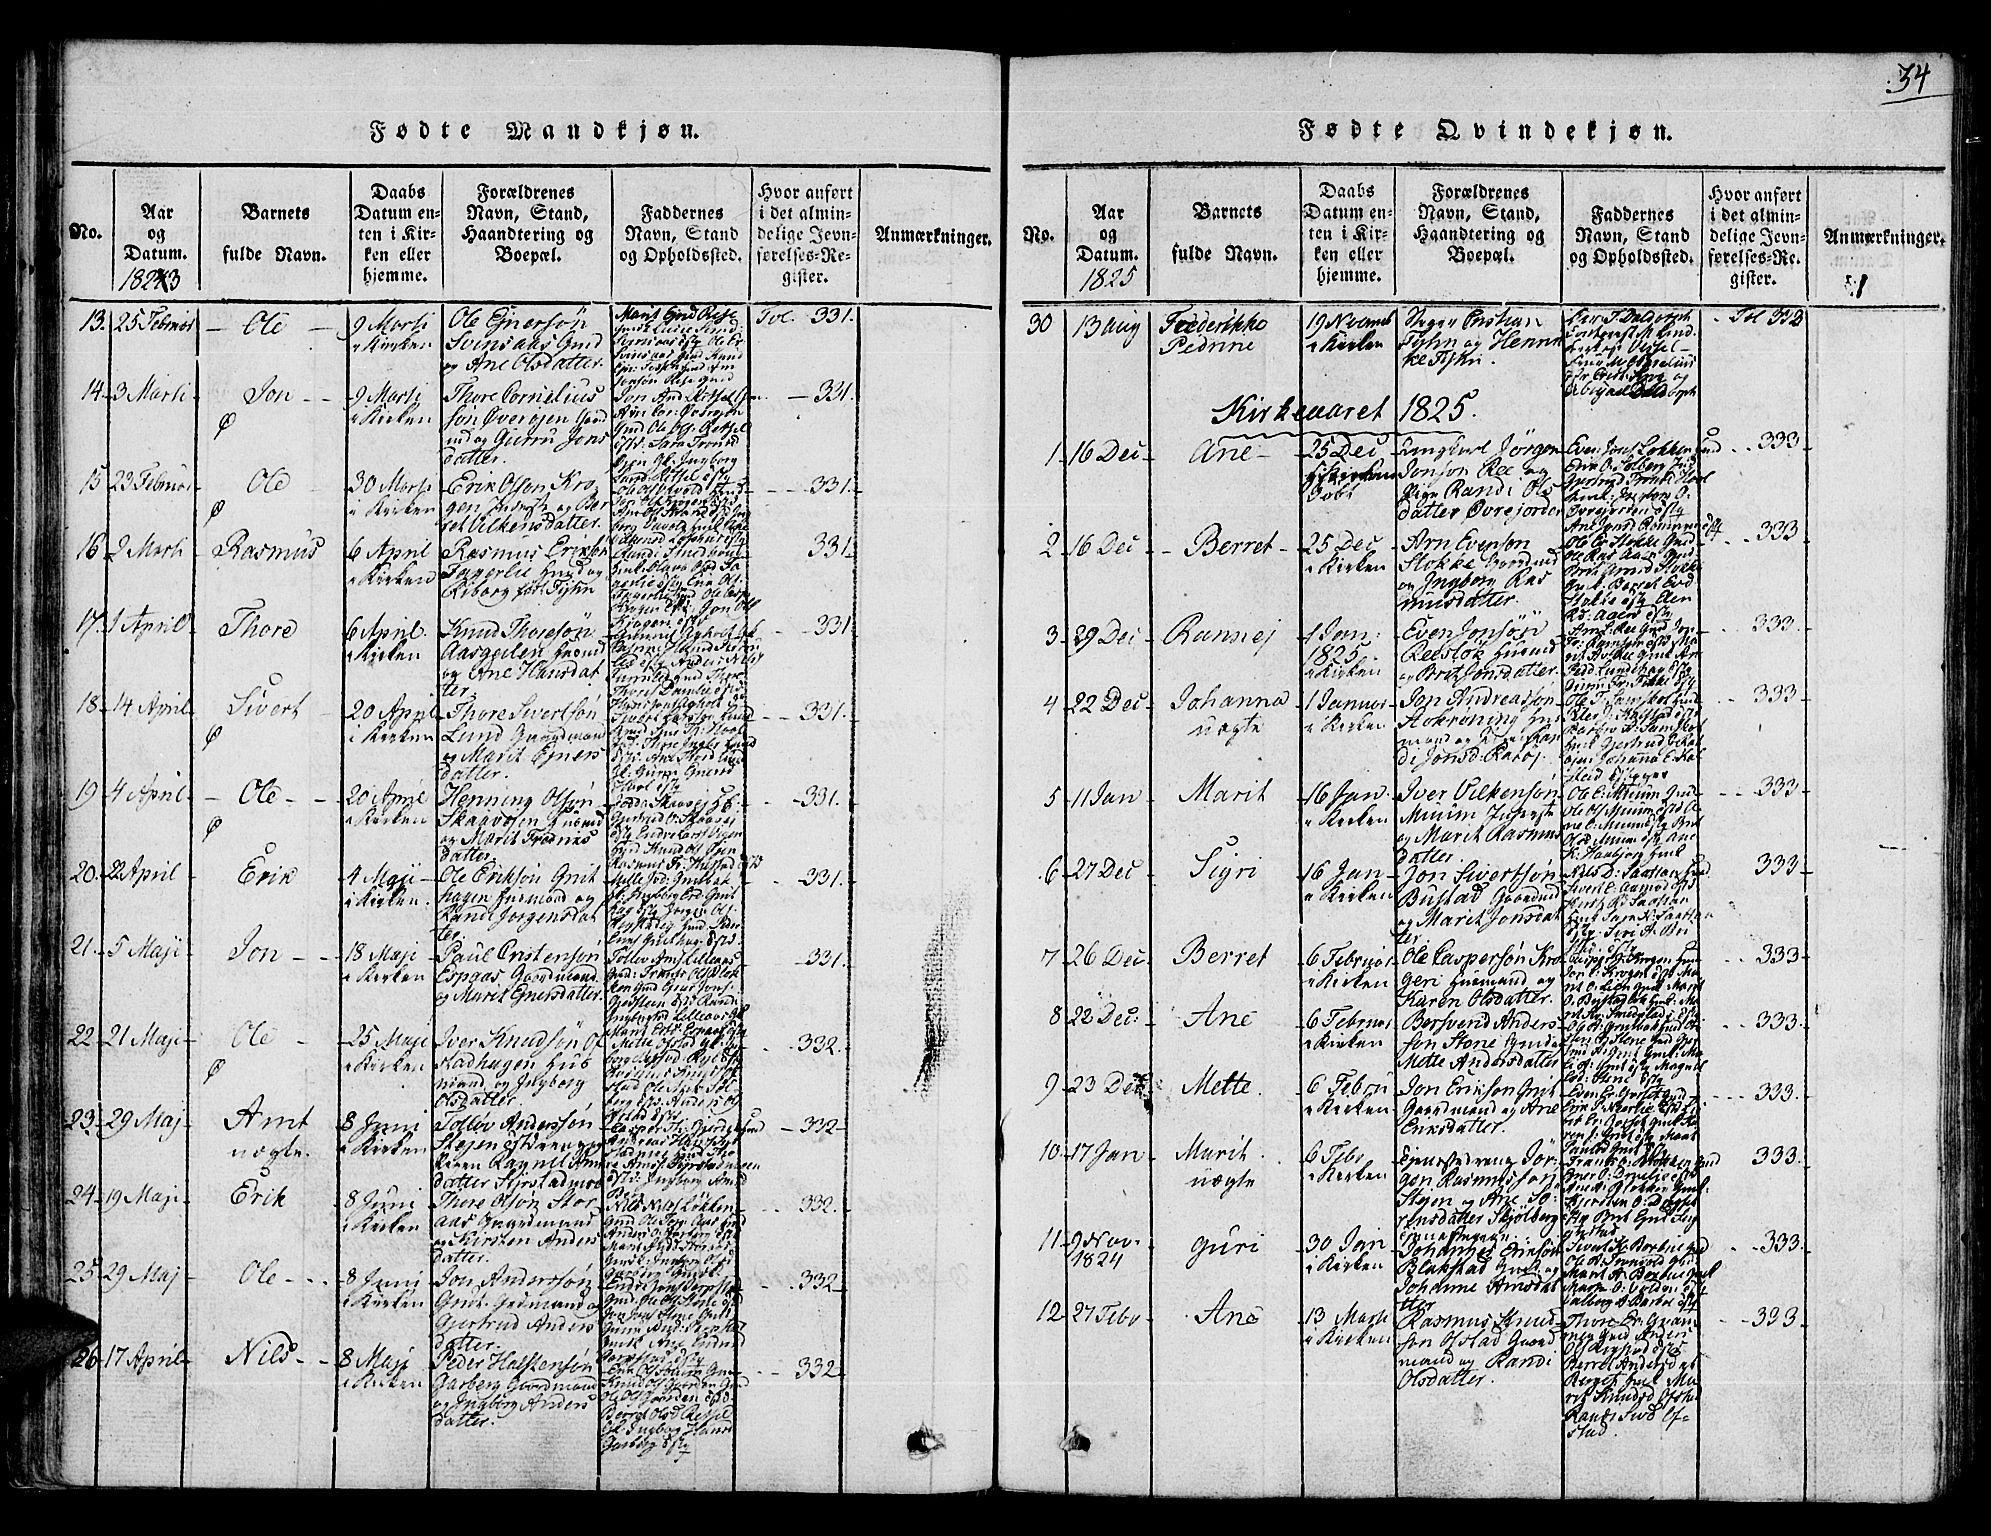 SAT, Ministerialprotokoller, klokkerbøker og fødselsregistre - Sør-Trøndelag, 672/L0853: Ministerialbok nr. 672A06 /1, 1816-1829, s. 34